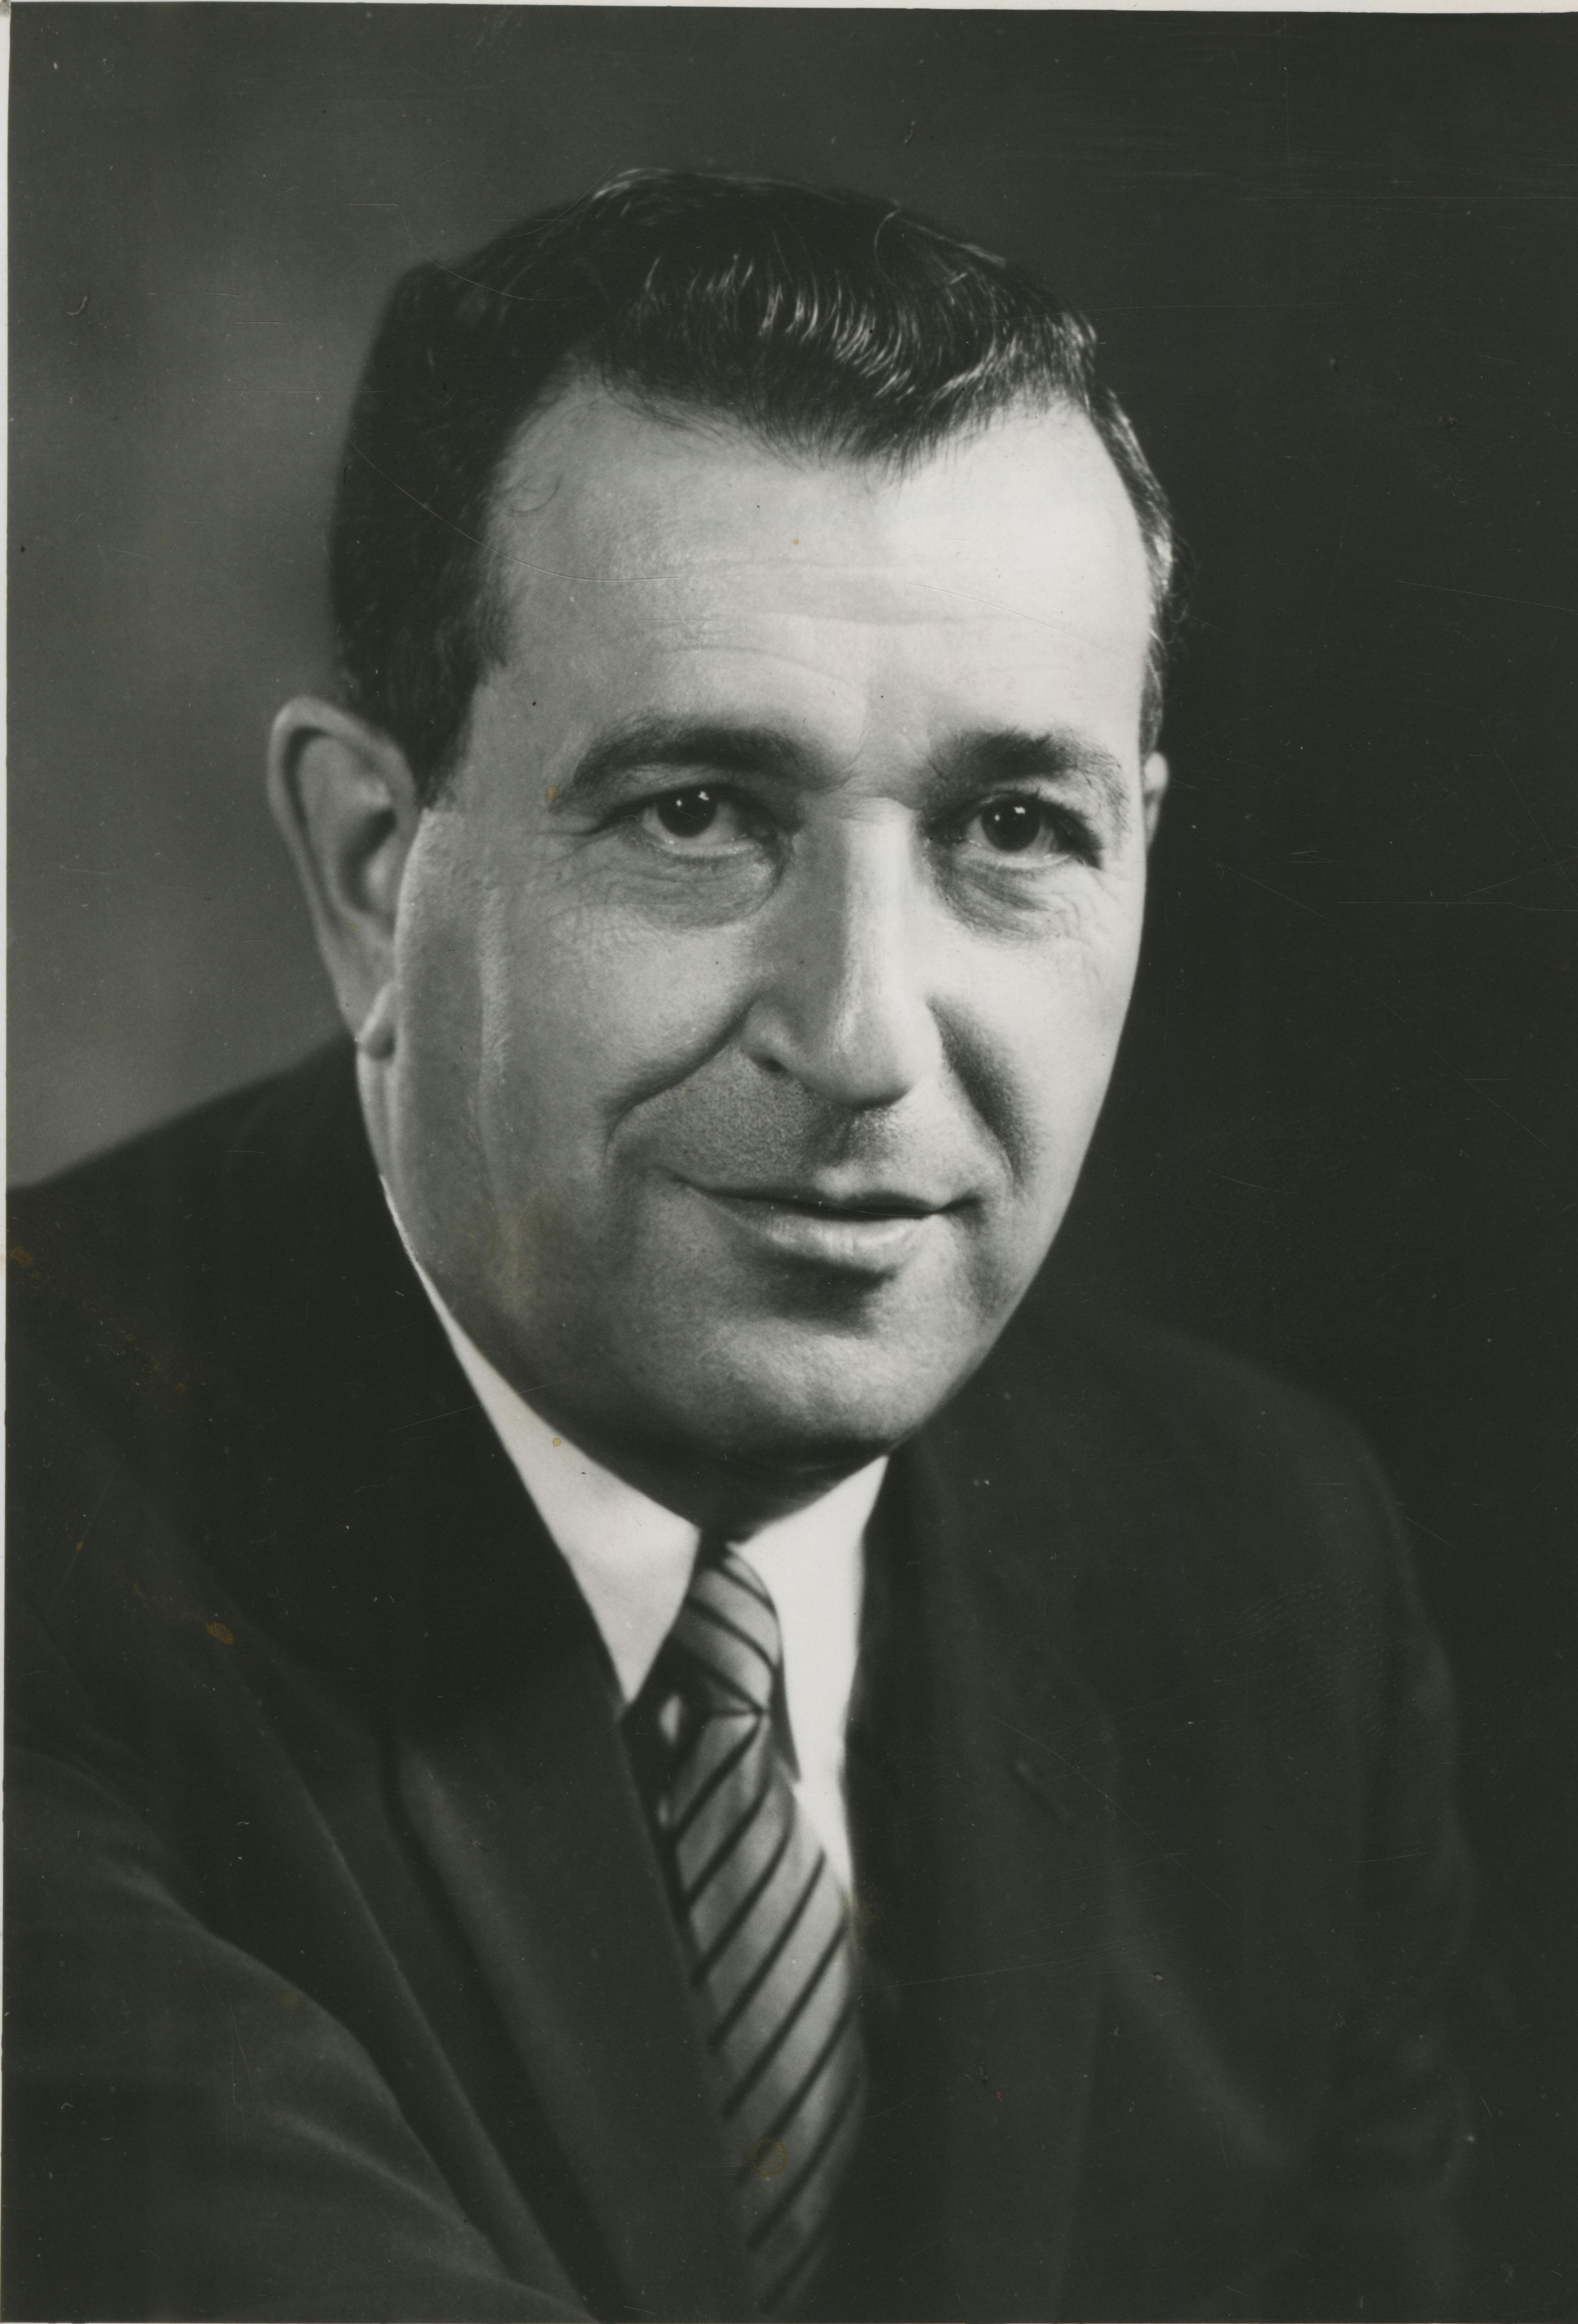 Jerome Bert Wiesner